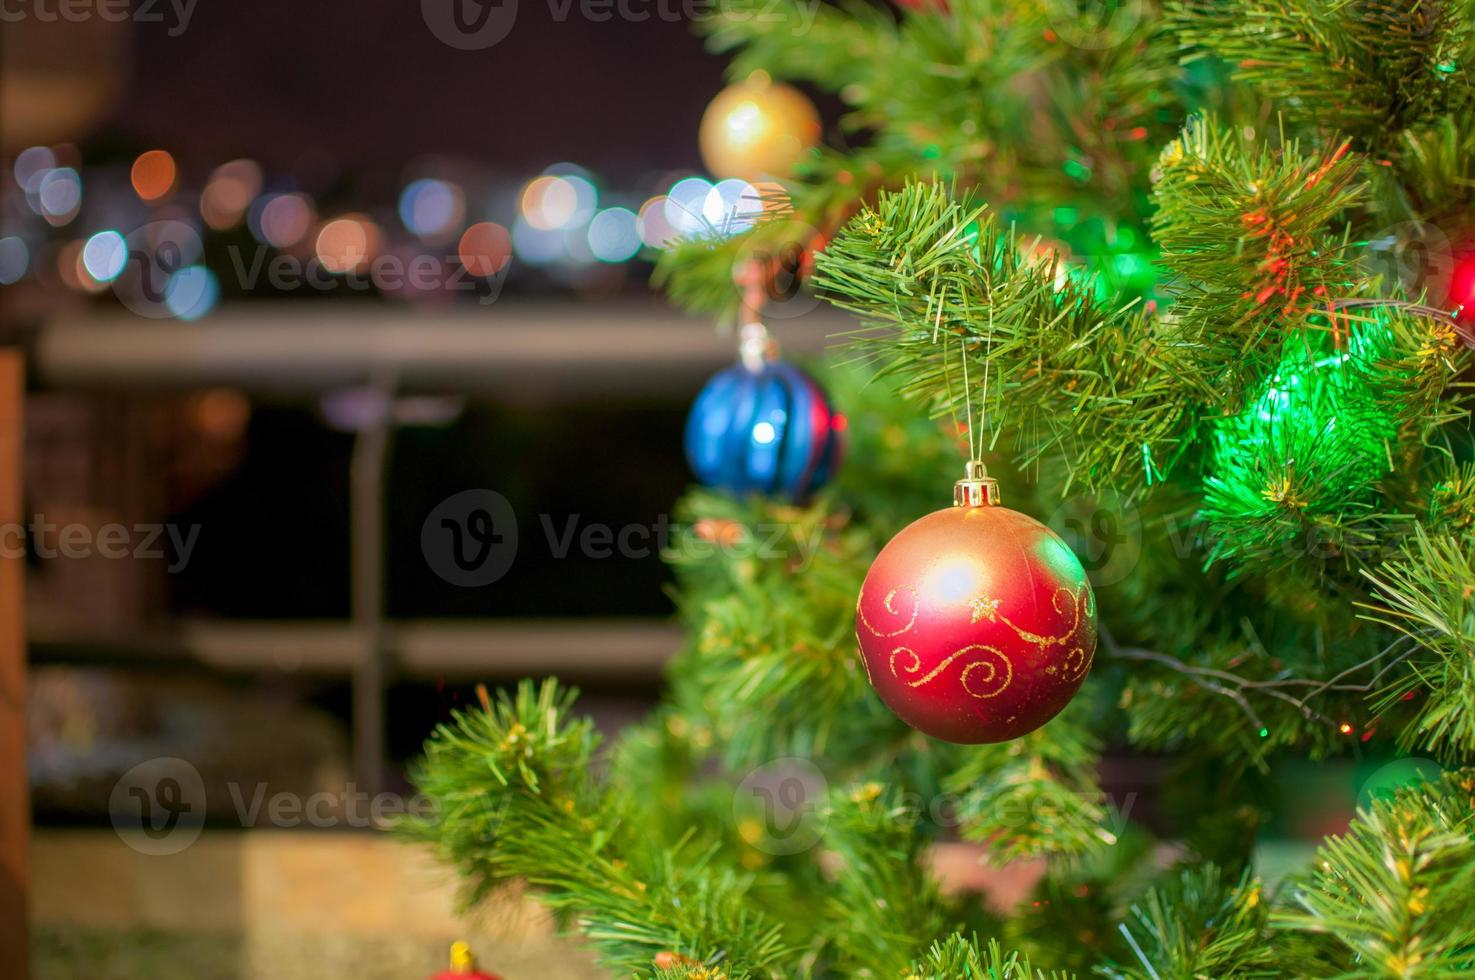 dettaglio dell'albero di Natale con palline e luci foto